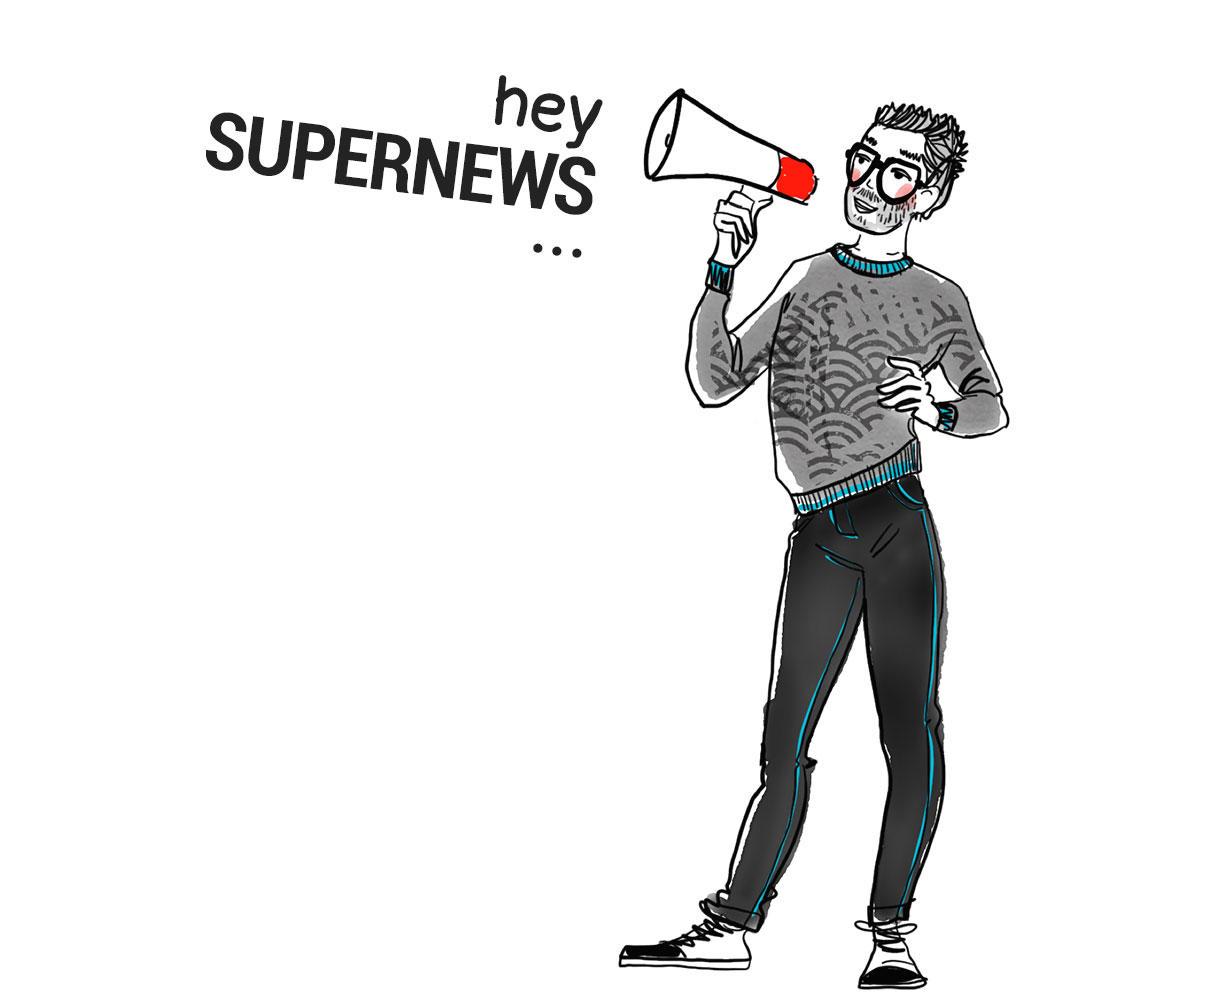 Supermiro recherche un chouchouteur de clients - JOB ALERT 🚨🚨🚨